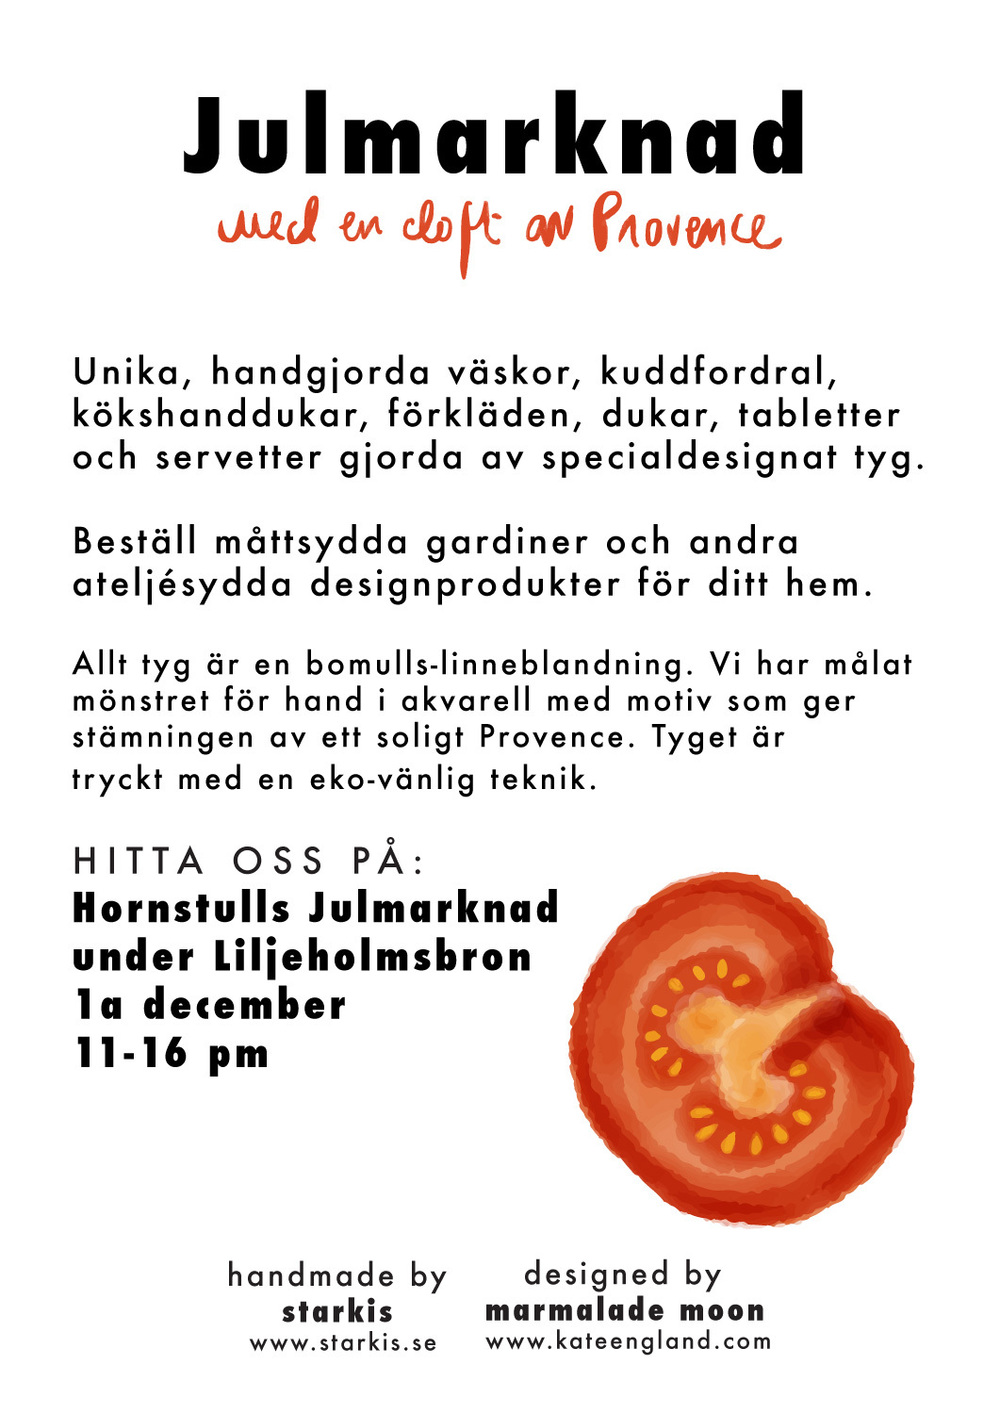 julmarknad-affisch-large.jpg